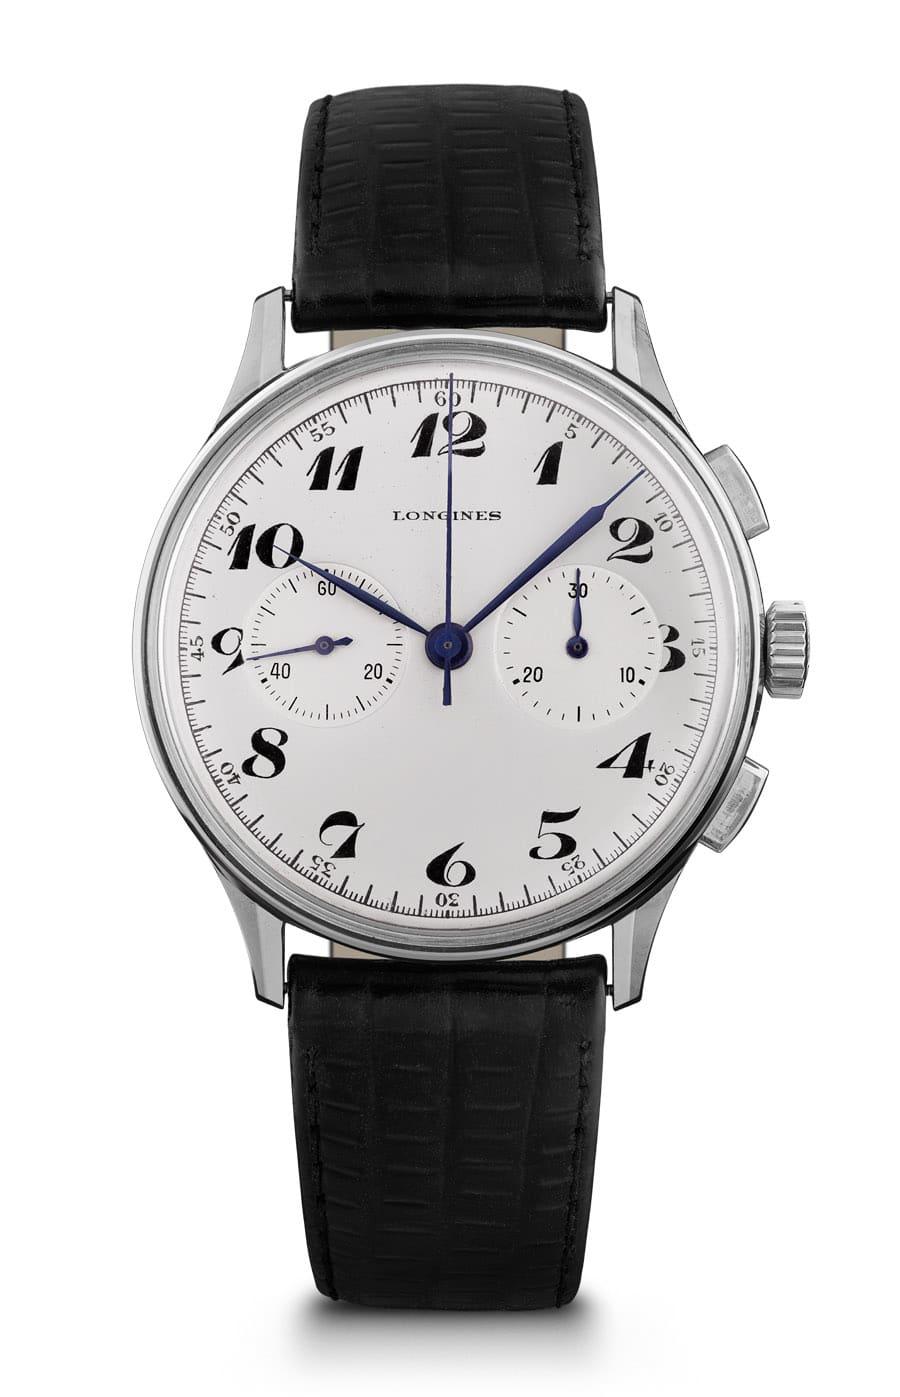 Vorbild für die The Longines Heritage Classic Chronograph 1946: eine klassischer Bicompax-Chronograph von 1946